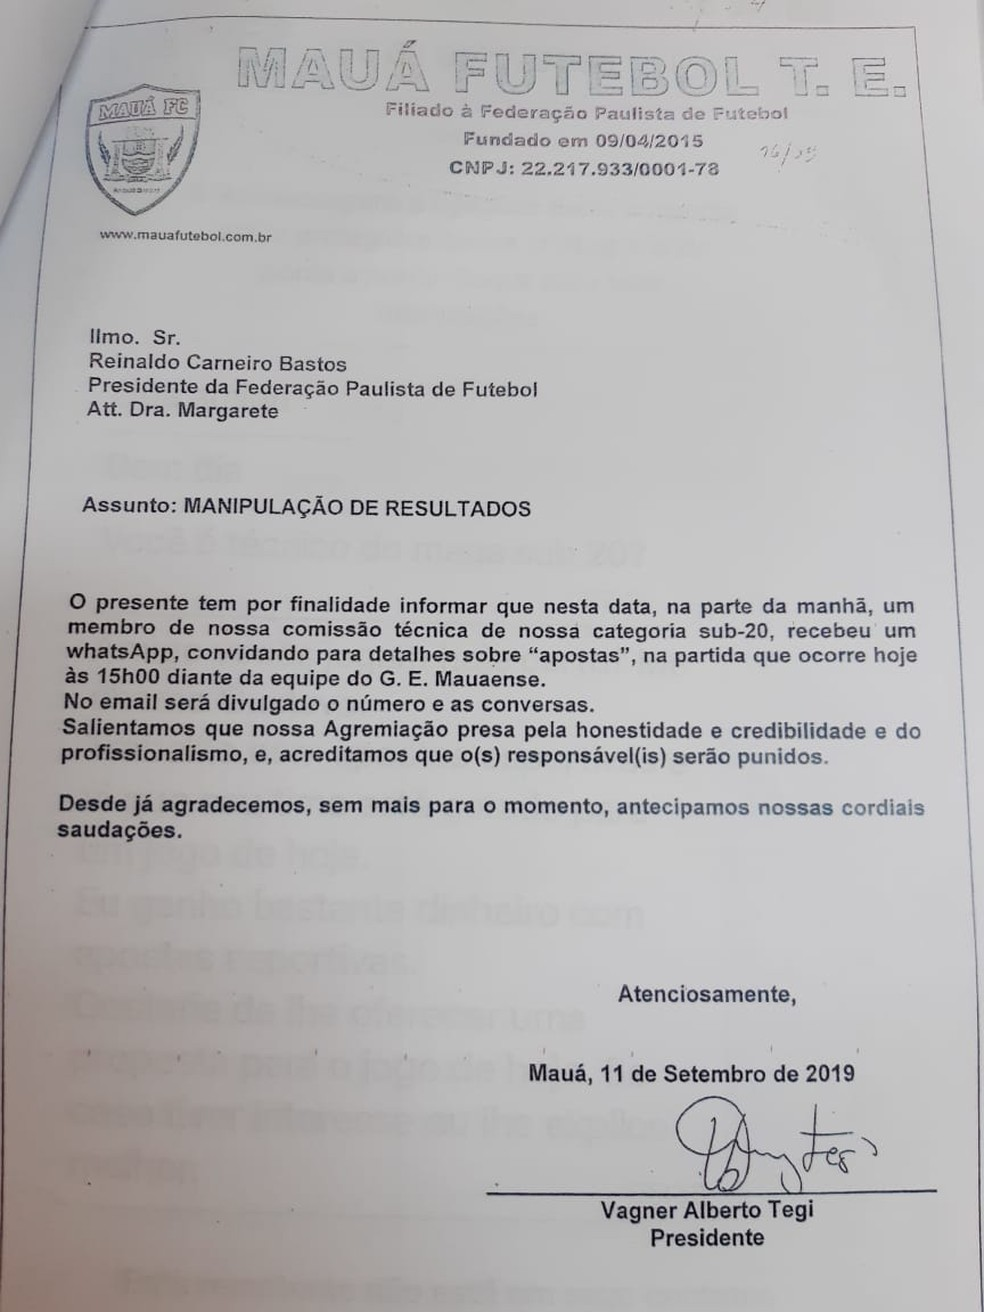 Denúncia feita à FPF de tentativa de manipulação feita pelo Mauá Futebol Clube — Foto: Vicente Seda